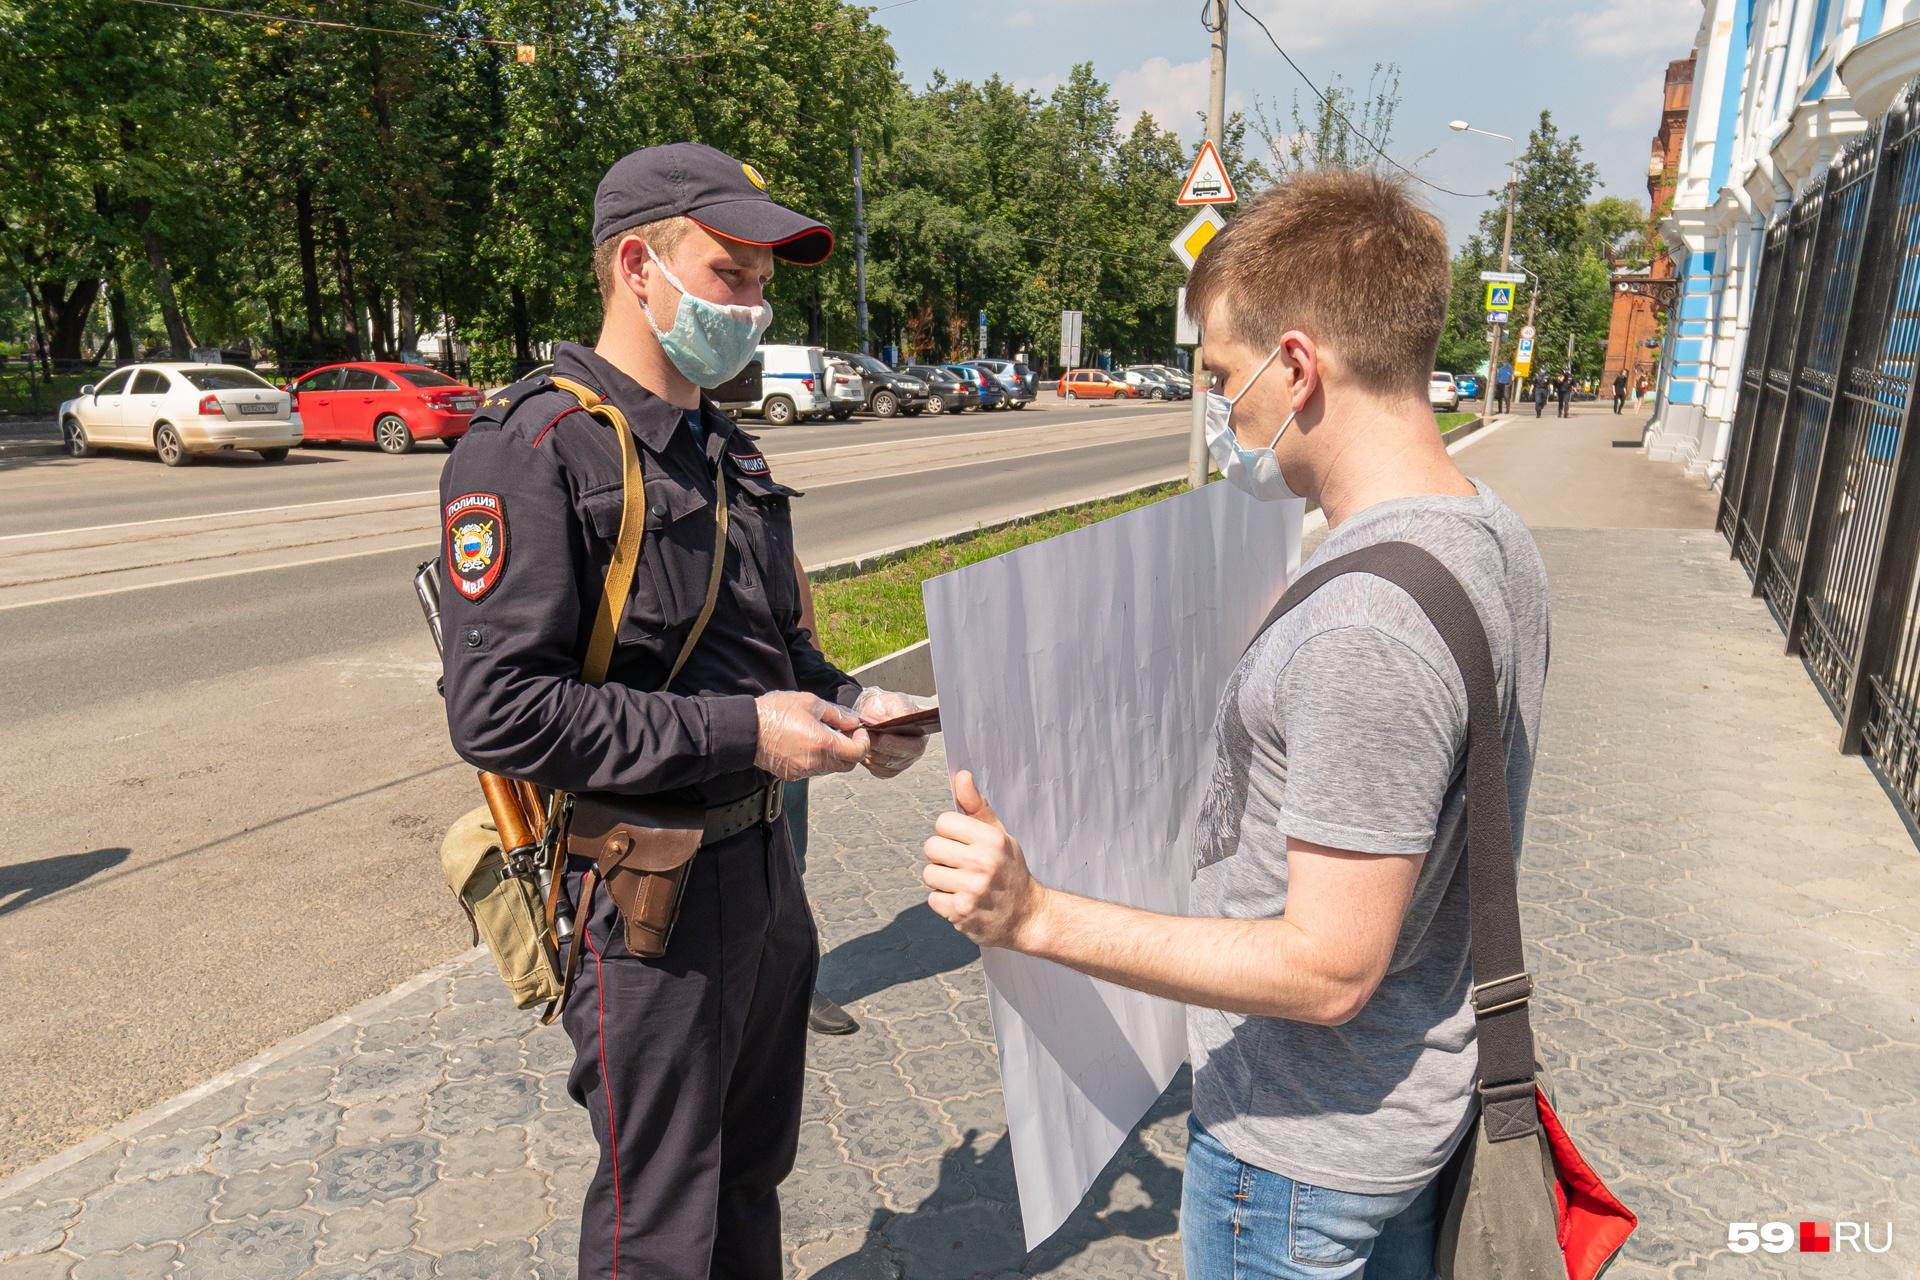 Полицейский показал документы, после чего задержал журналиста